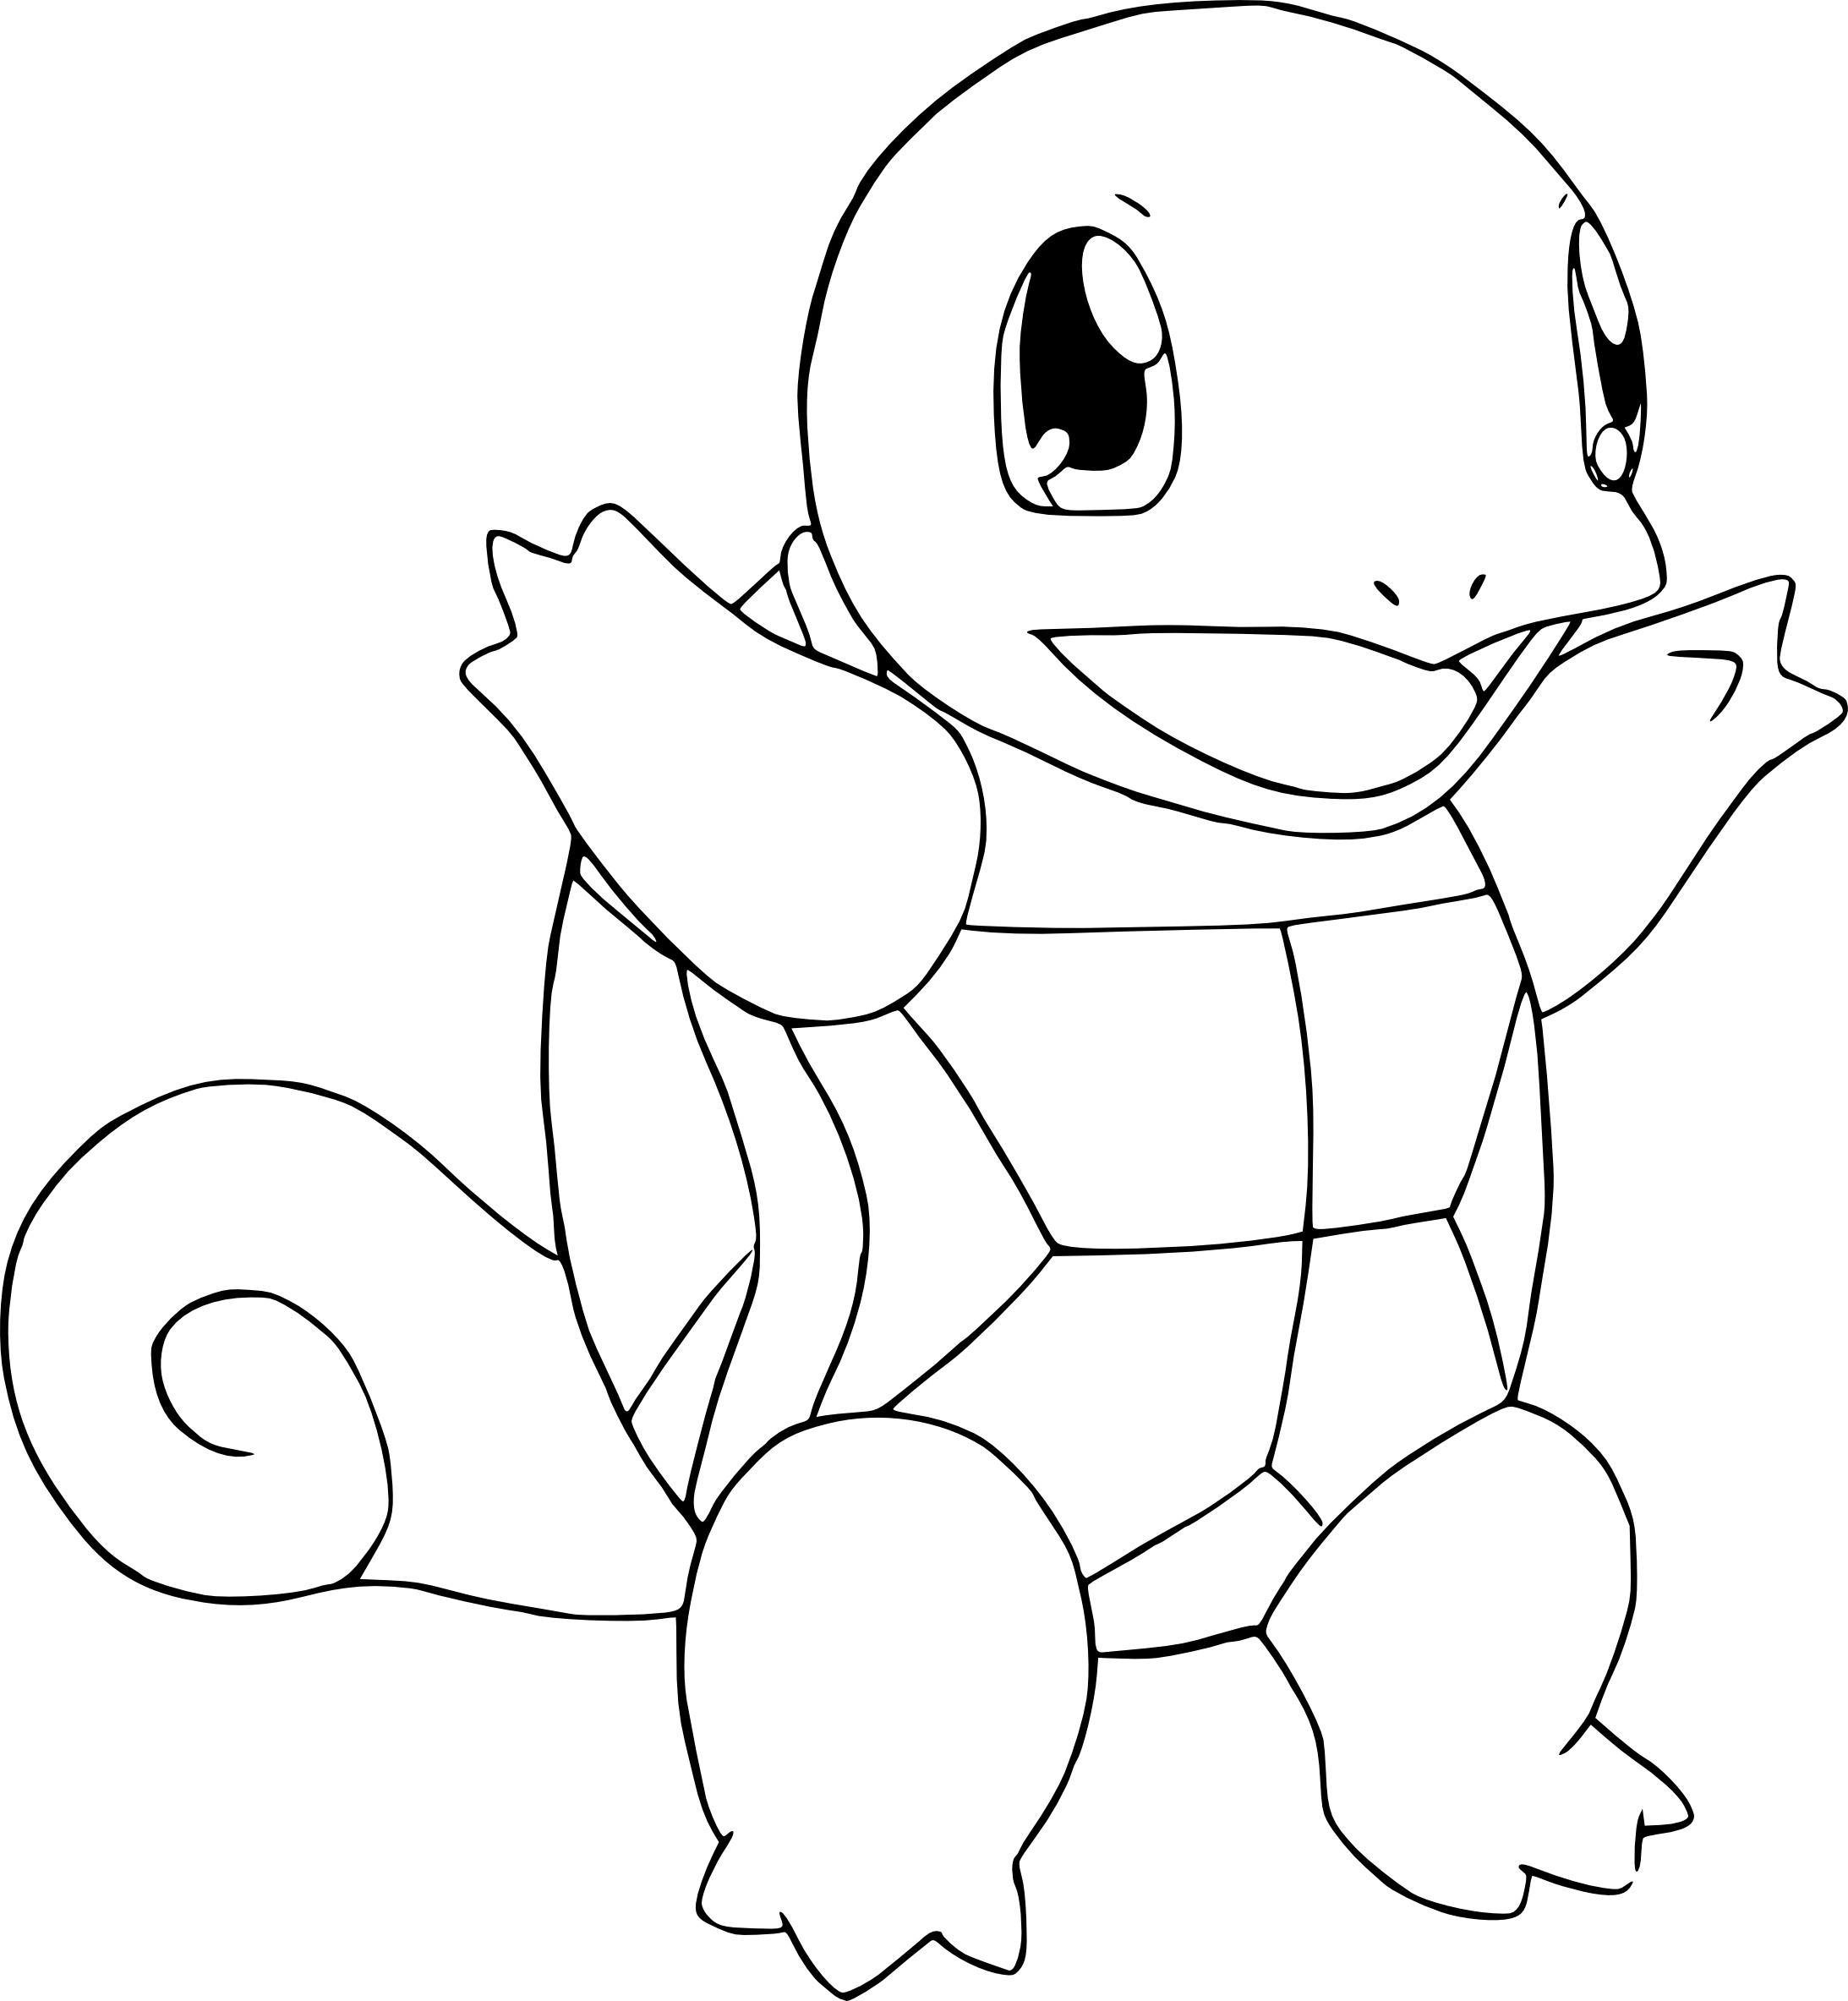 Meilleur de dessin a imprimer pokemon tortank - Coloriage pokemon imprimer ...